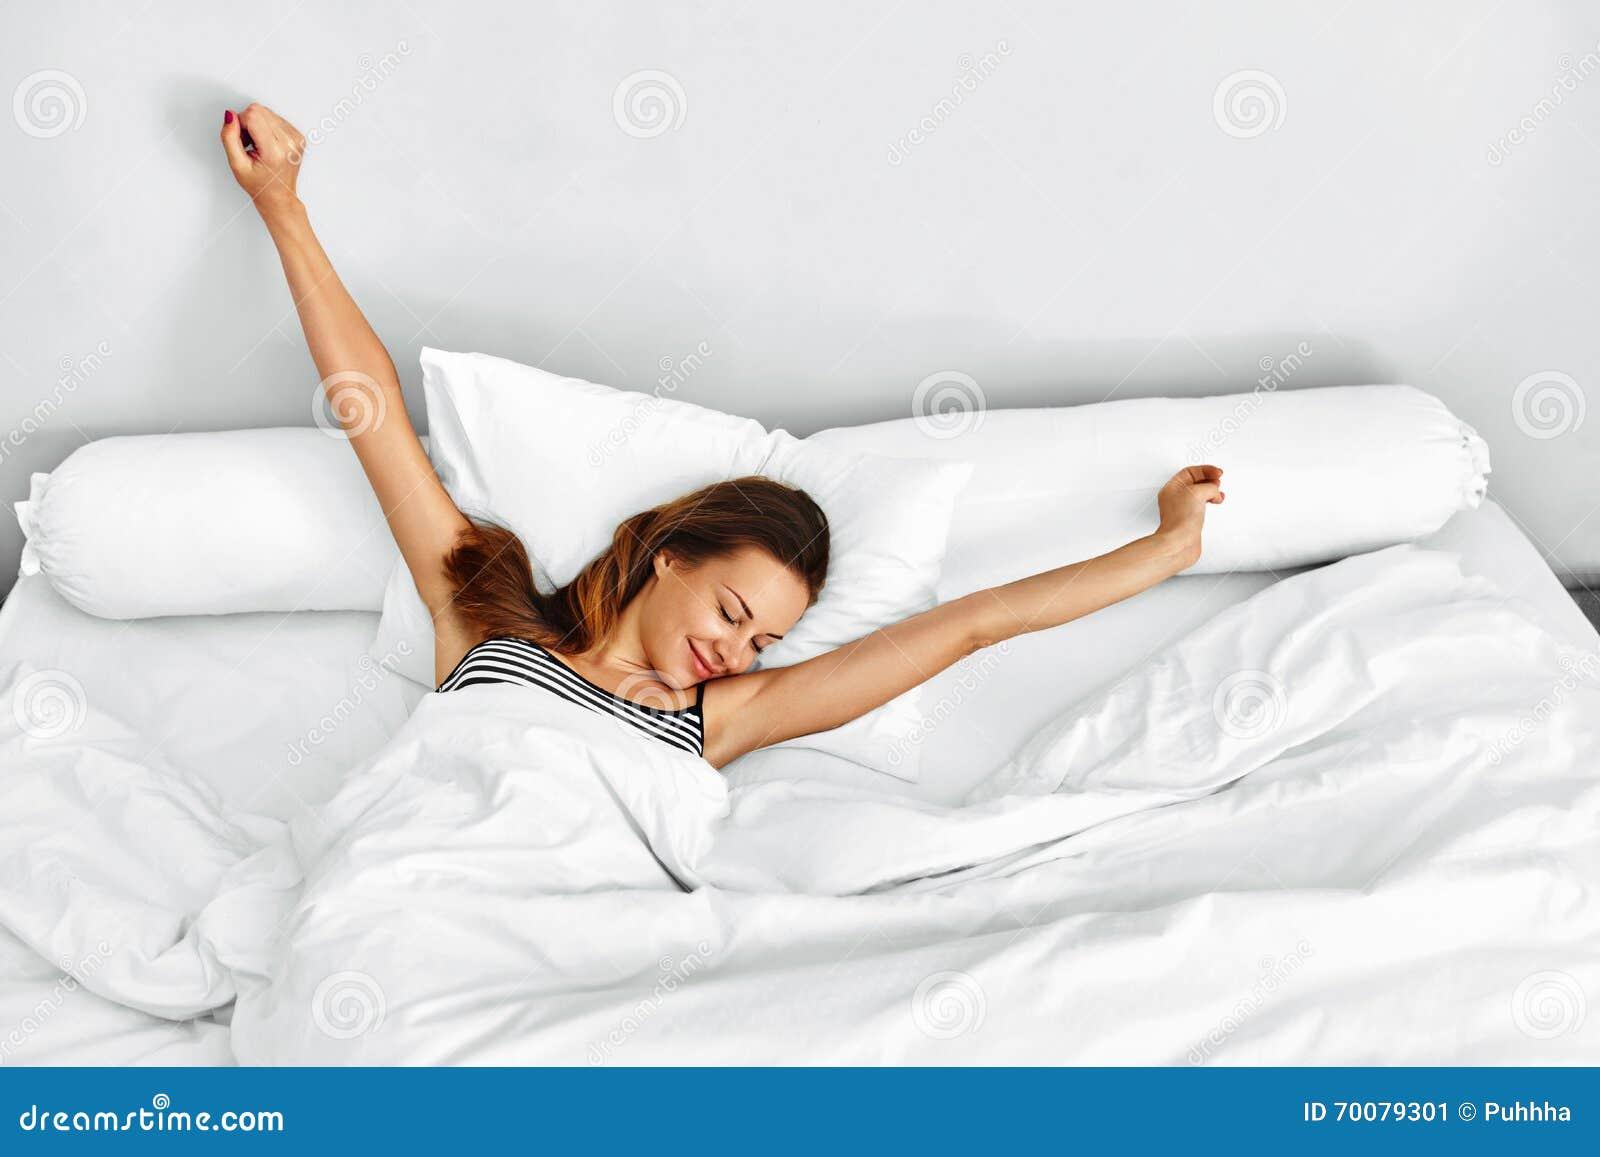 早晨醒 醒来舒展在床上的妇女 健康生活方式